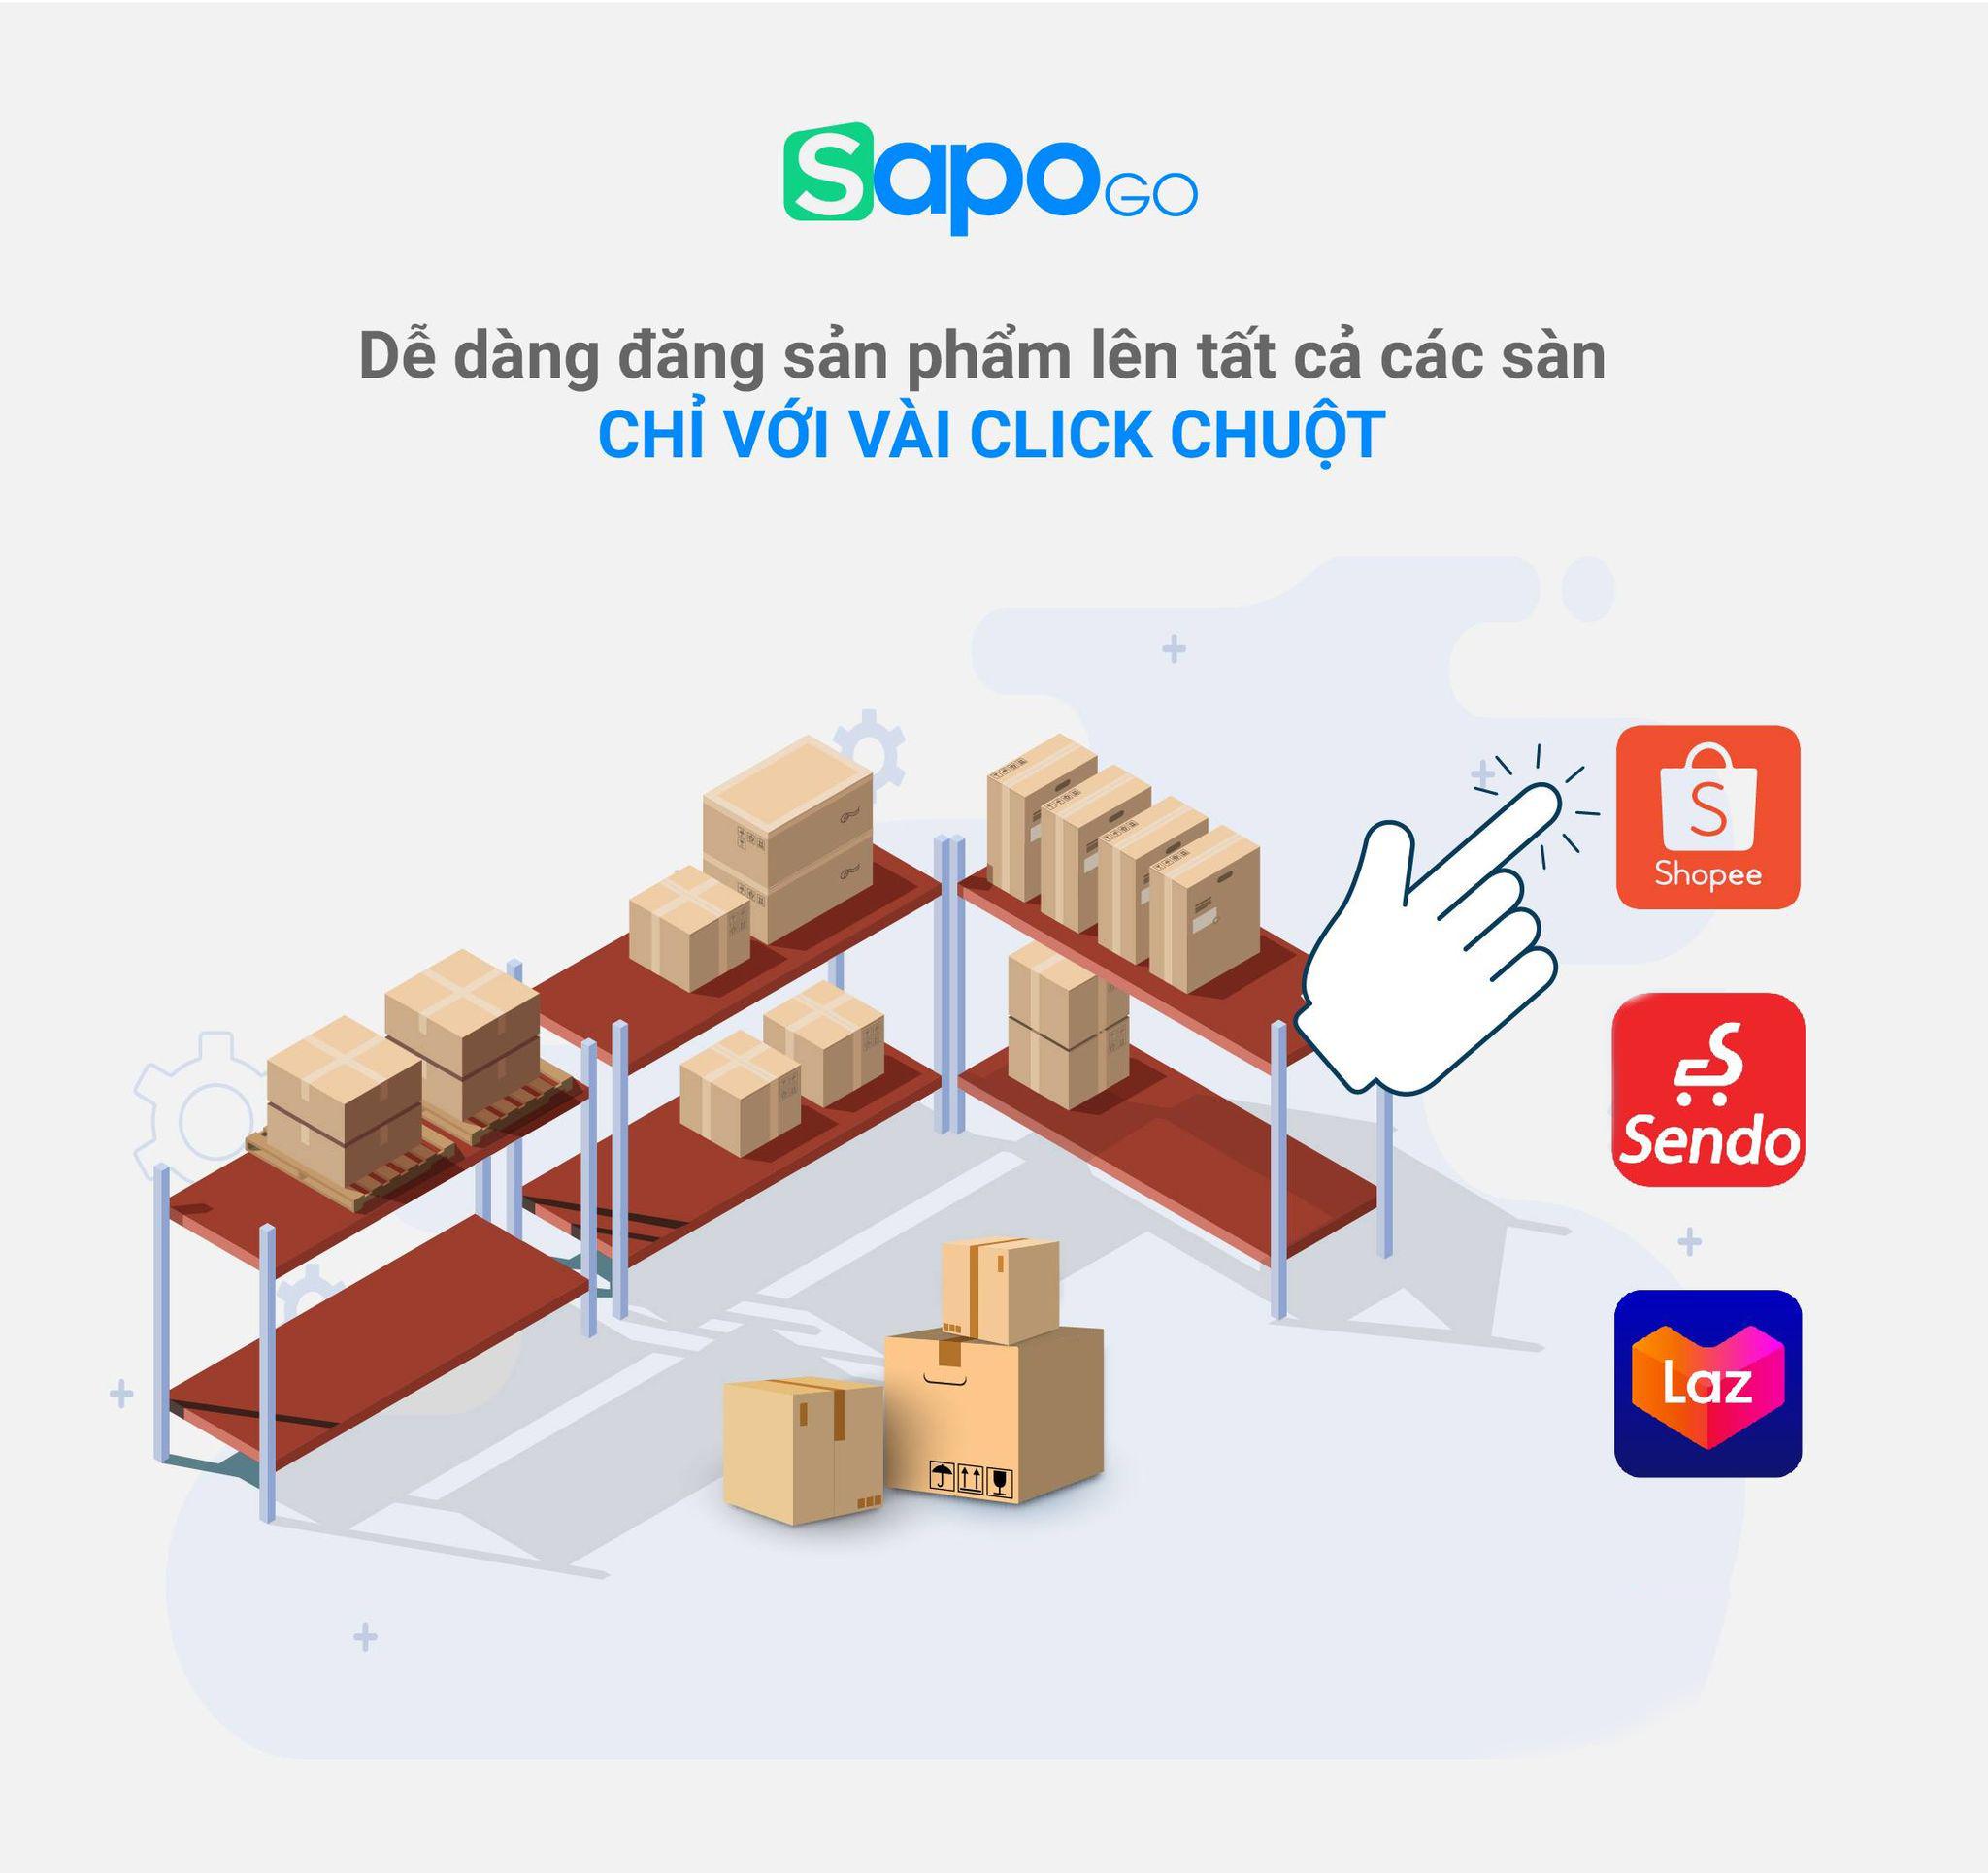 dễ dàng đăng bán sản phẩm với Sapo GO